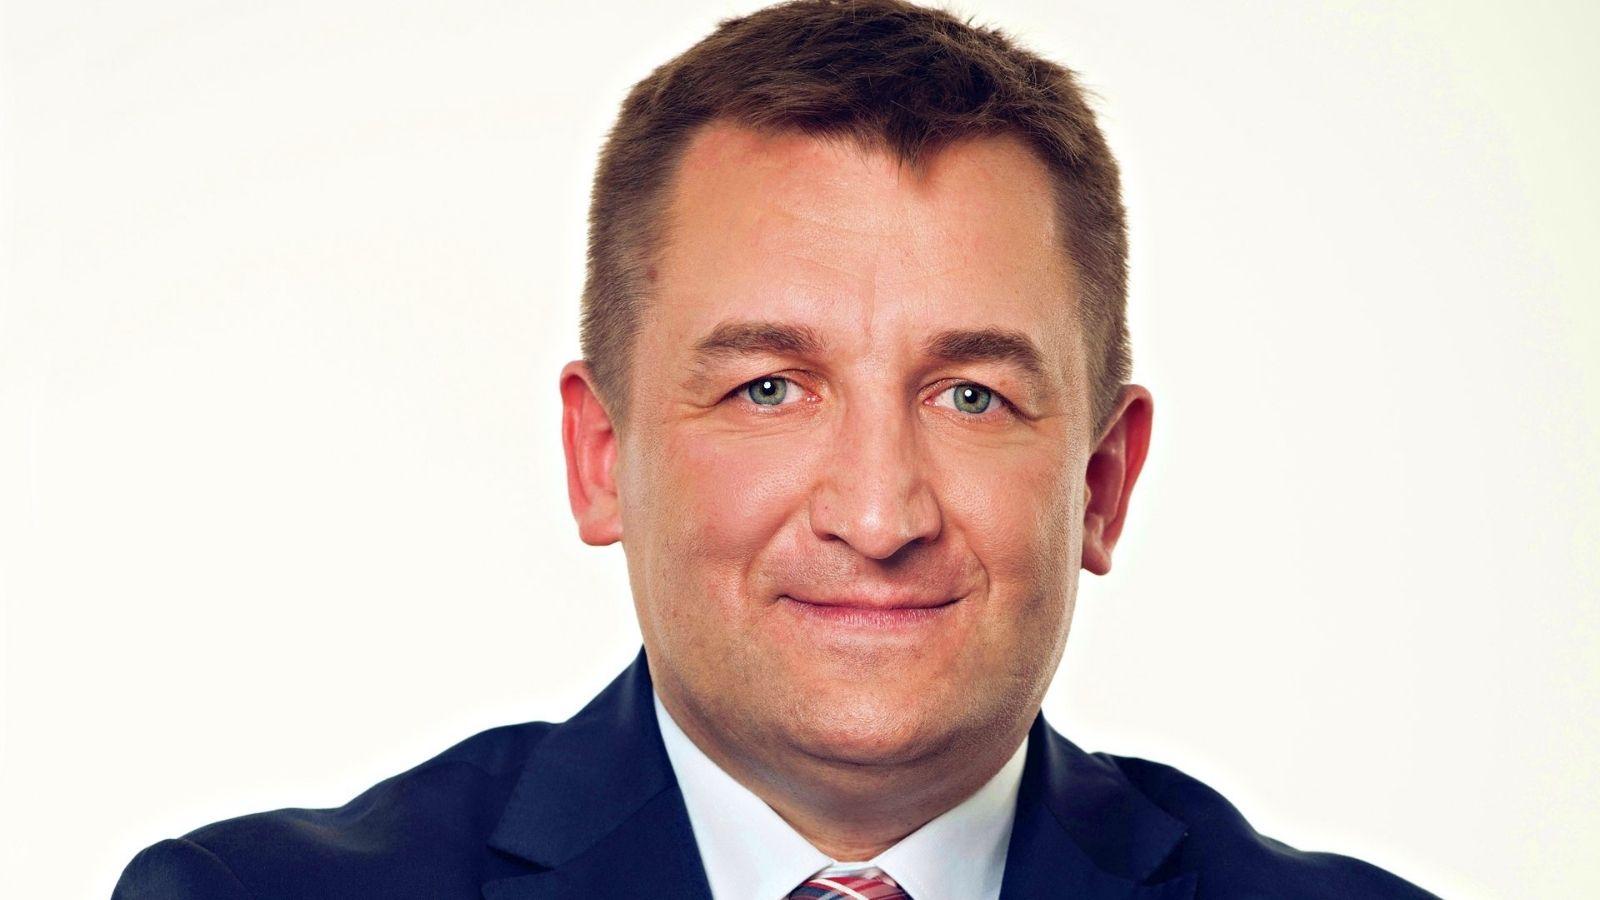 Nowy szef działu Public Affairs w 24/7Communication awanse mediarun 24.1 communication